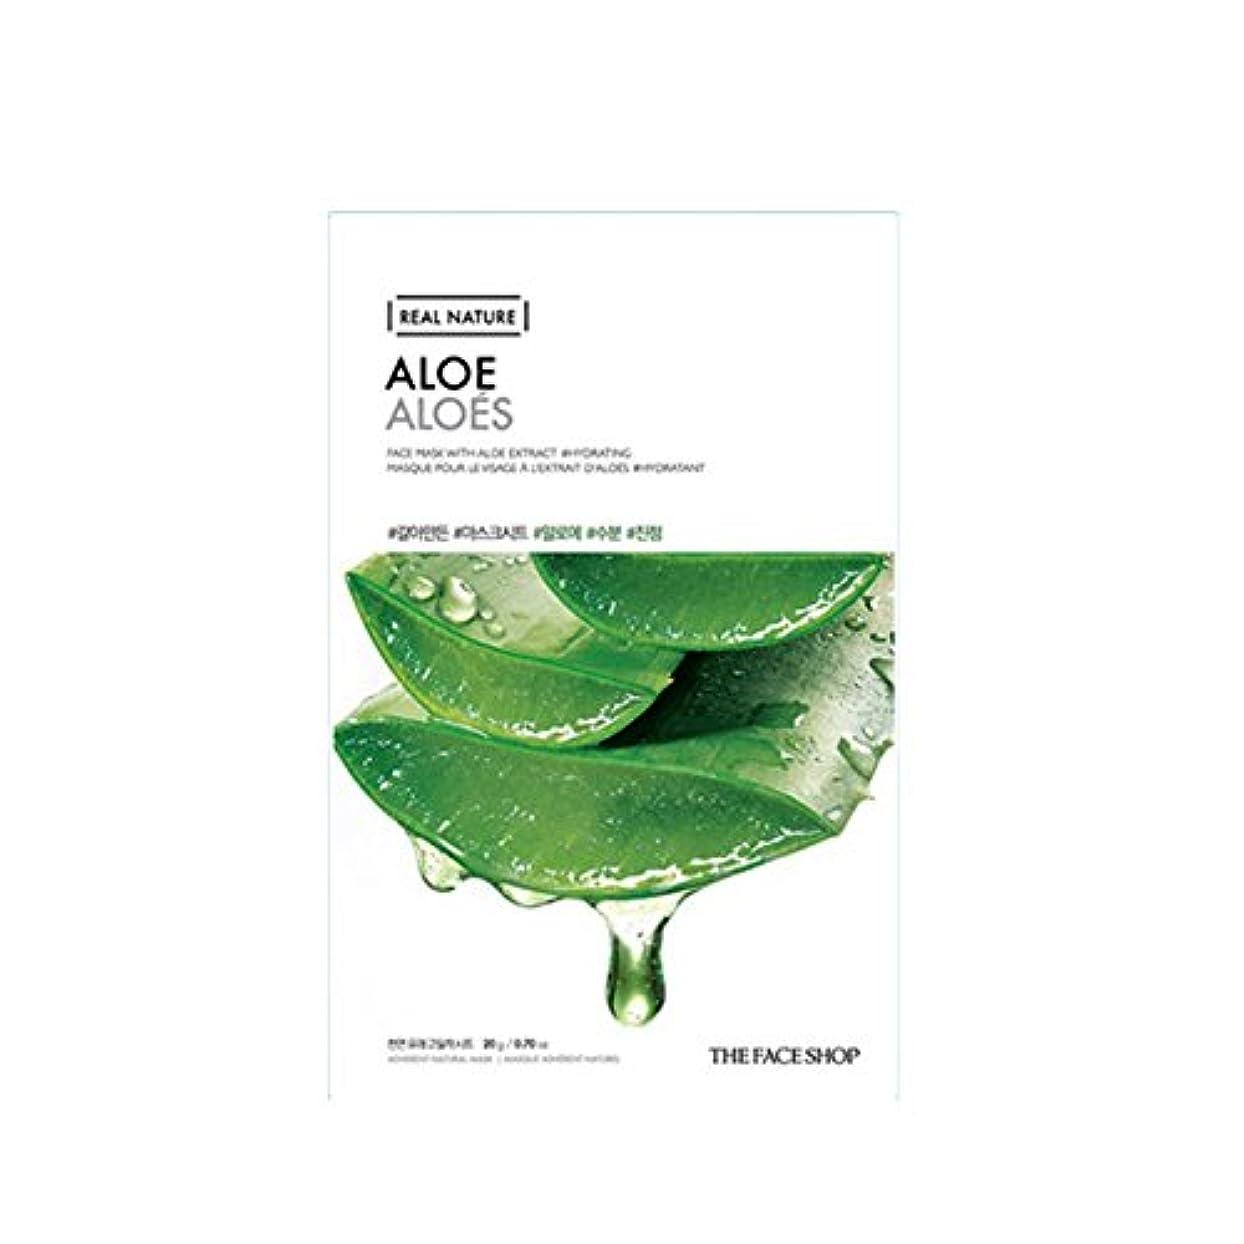 ボールハンディ海洋の[The Face Shop] ザフェイスショップ リアルネイチャーマスクシート Real Nature Mask Sheet (Aloe (アロエ) 10個) [並行輸入品]